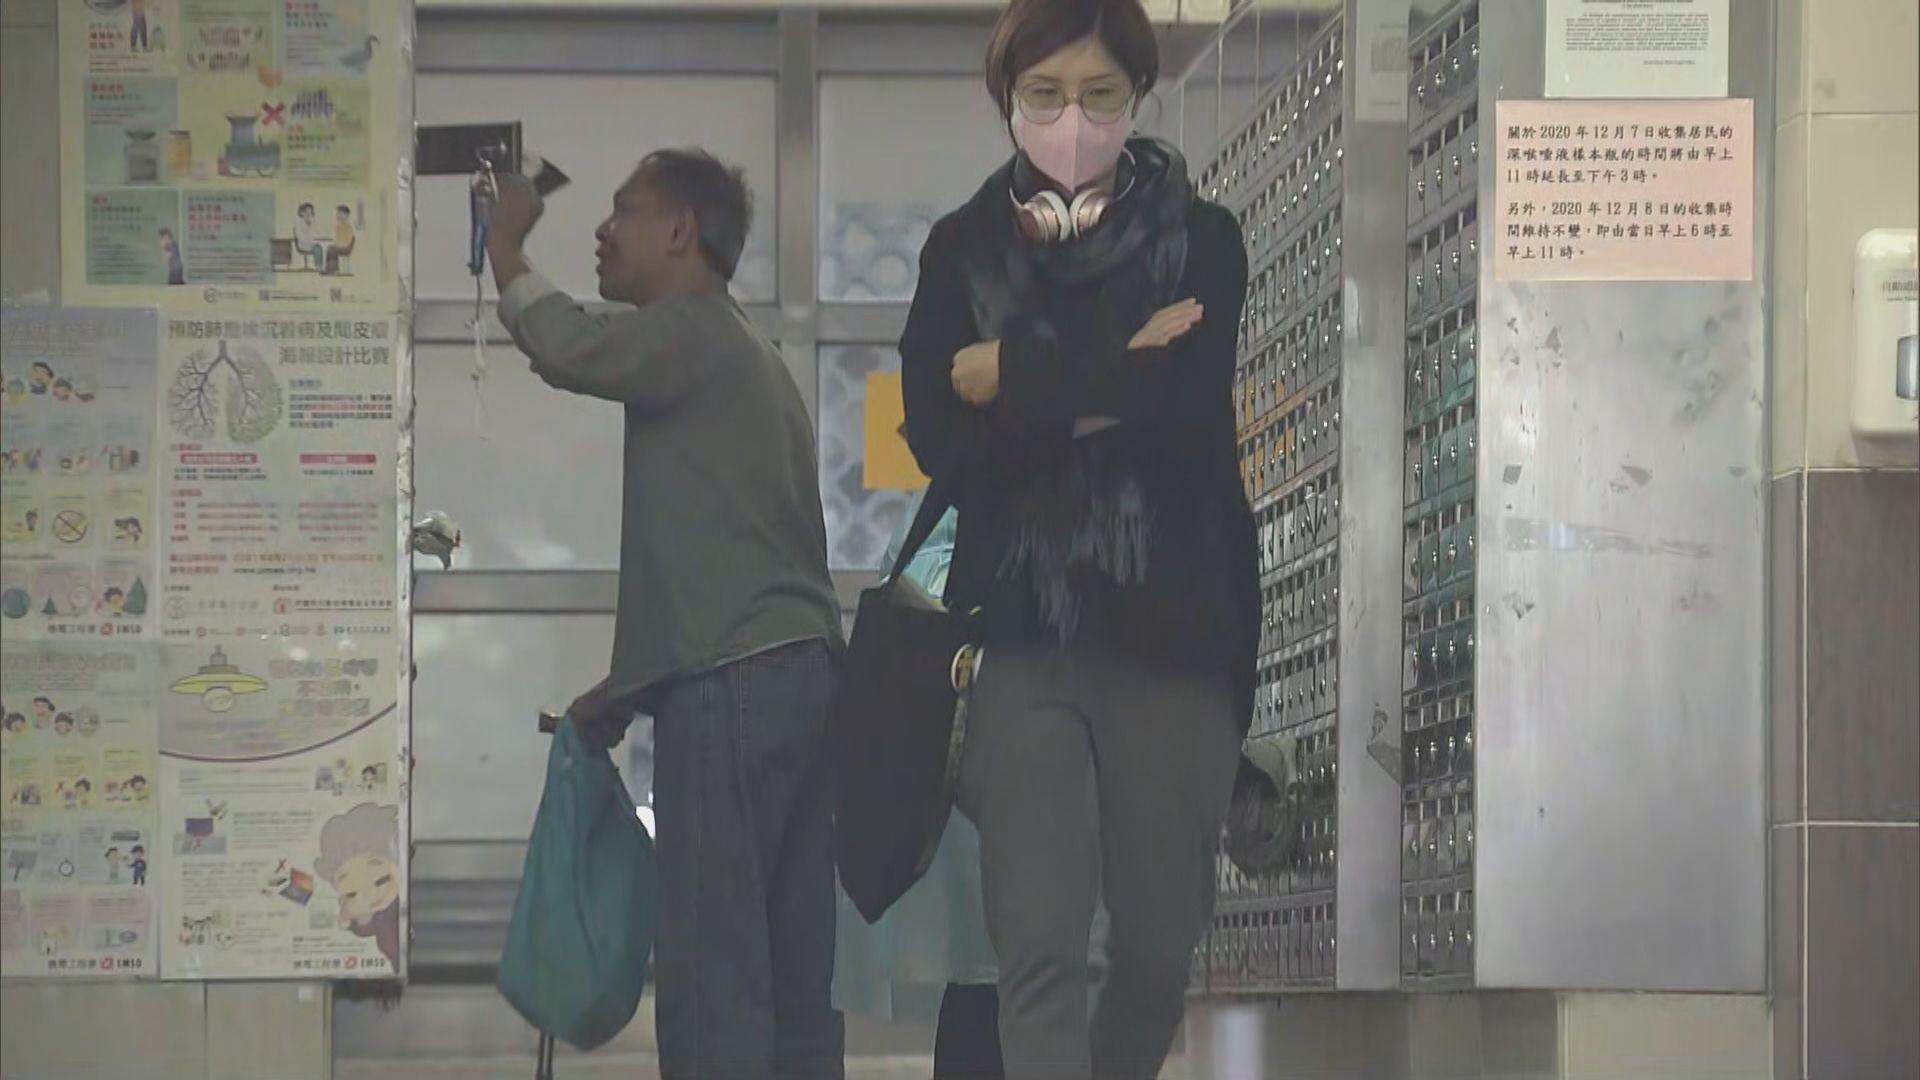 葵盛西邨第八座五樓居民深夜撤離 有居民如常外出